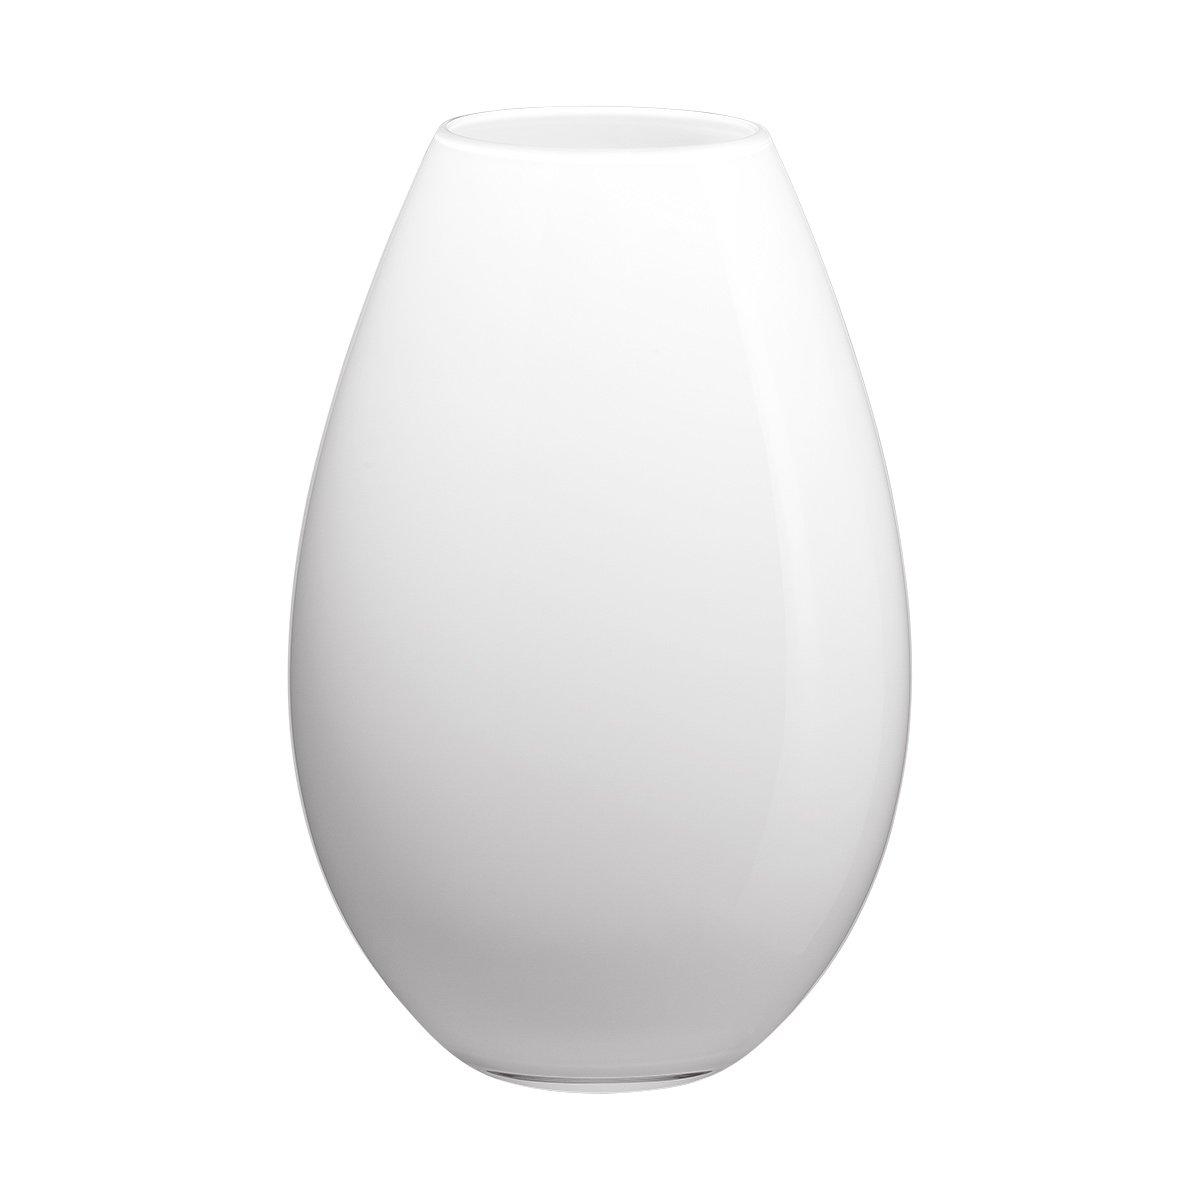 Holmegaard Cocoon Vase, weiß, H 26 cm